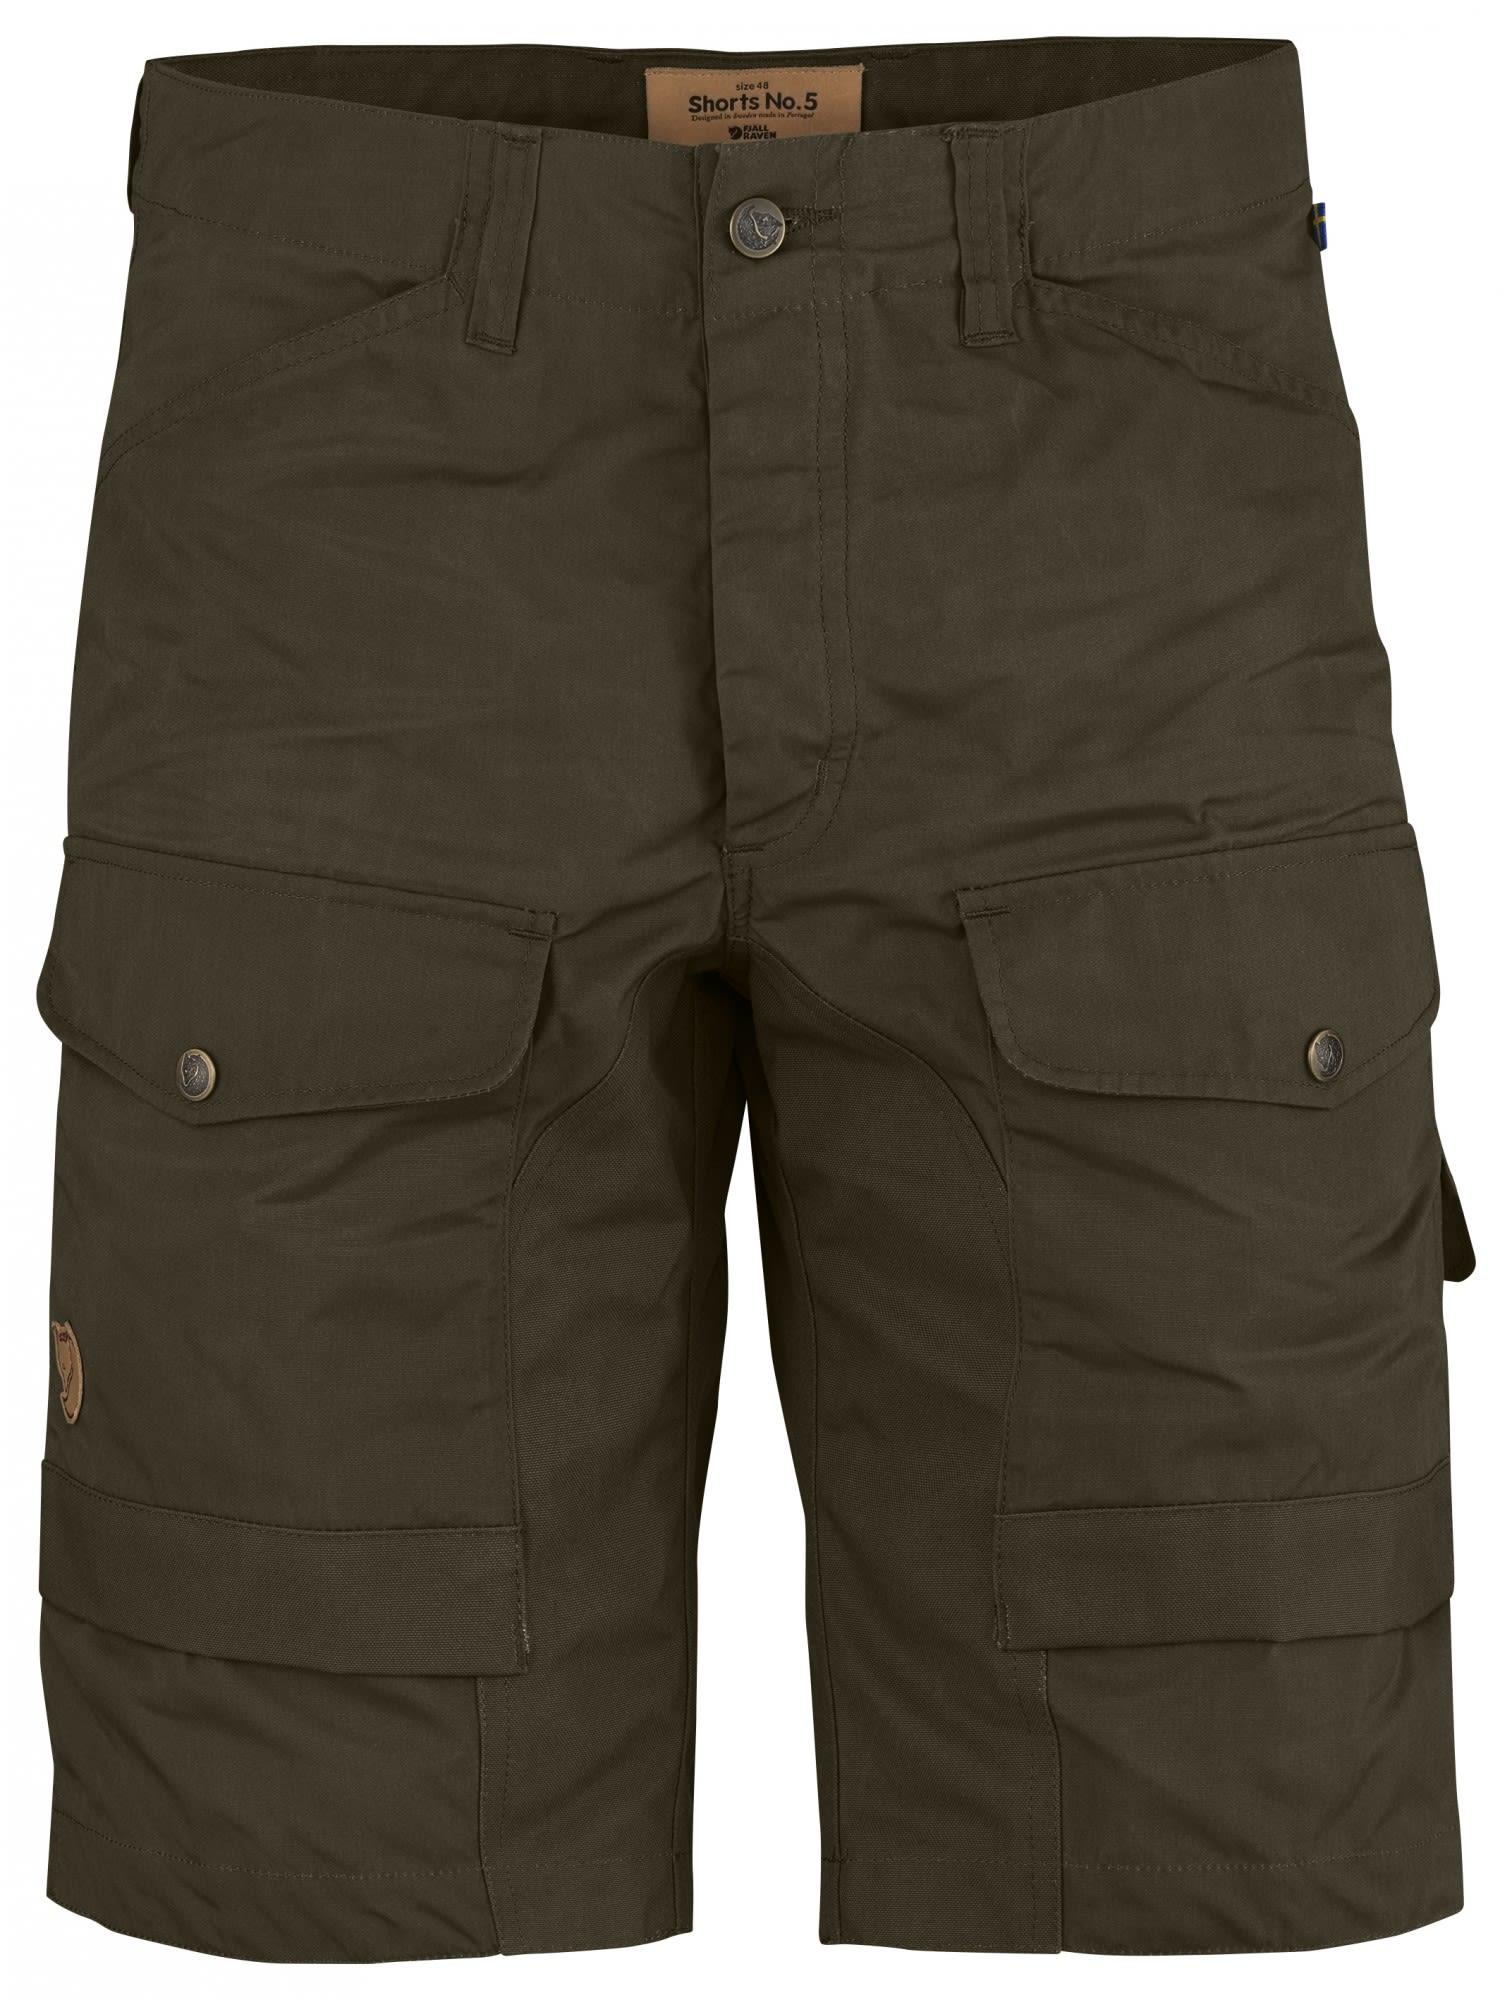 Fjällräven M Shorts No. 5 | Größe 48,50 | Herren